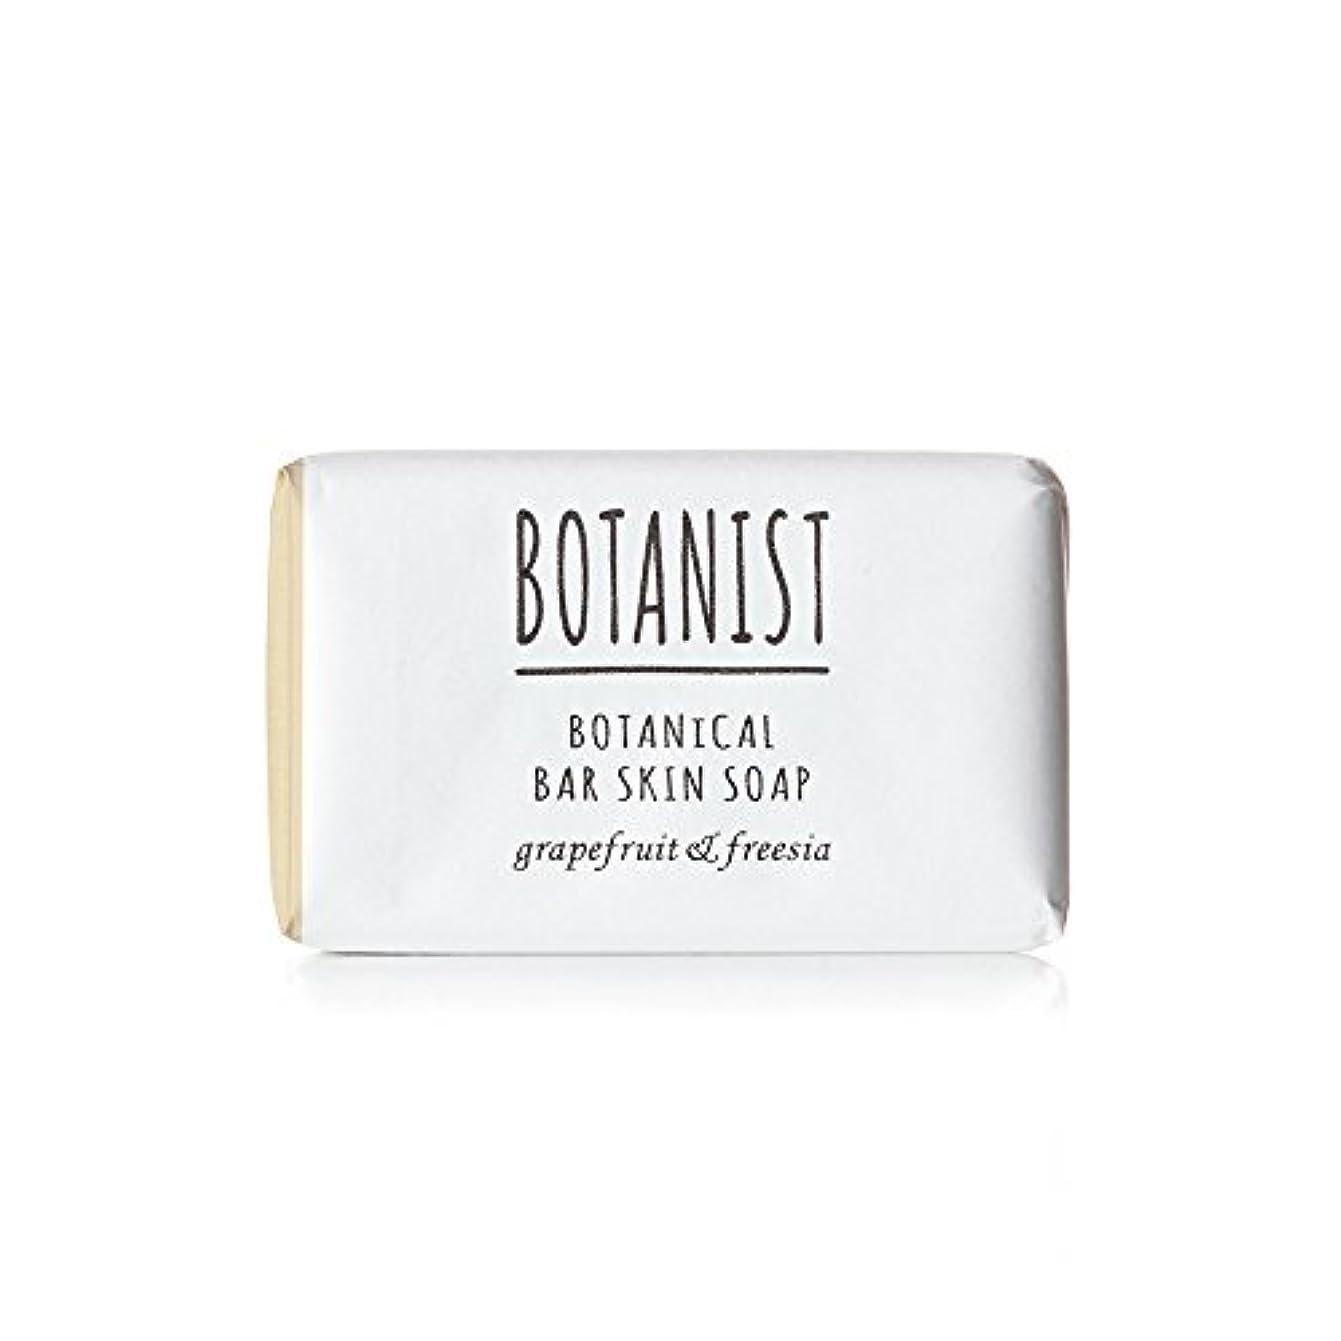 炭素快い粘着性BOTANIST ボタニスト ボタニカル バースキンソープ 100g グレープフルーツ&フリージア